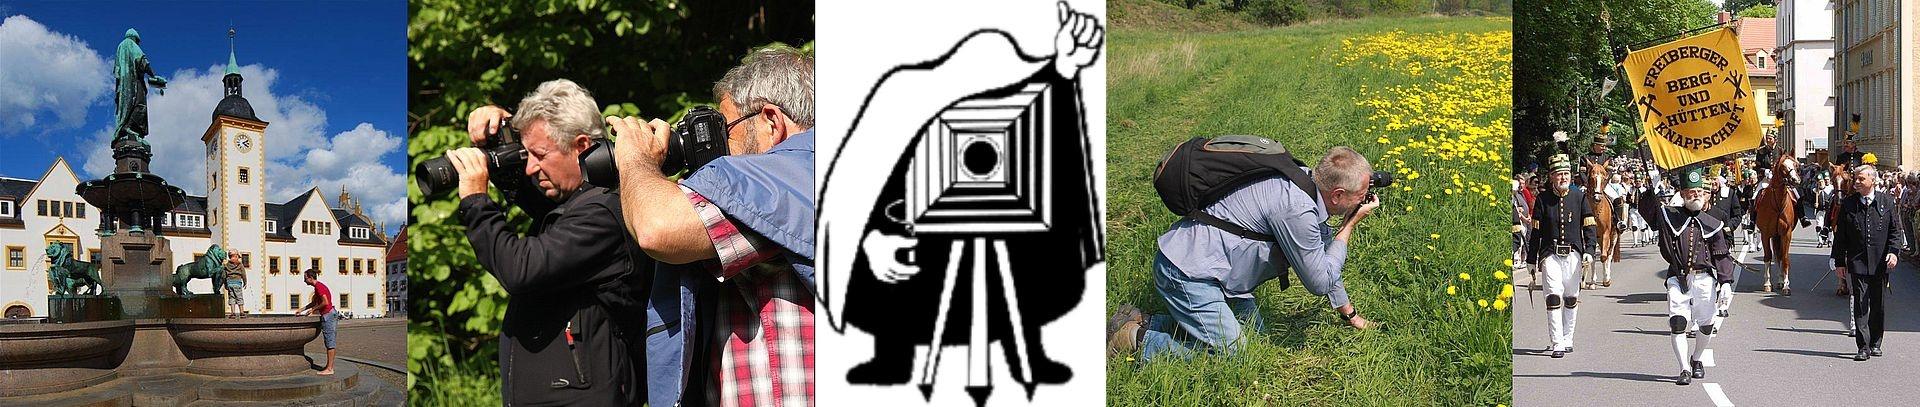 Freiberger Fotofreunde